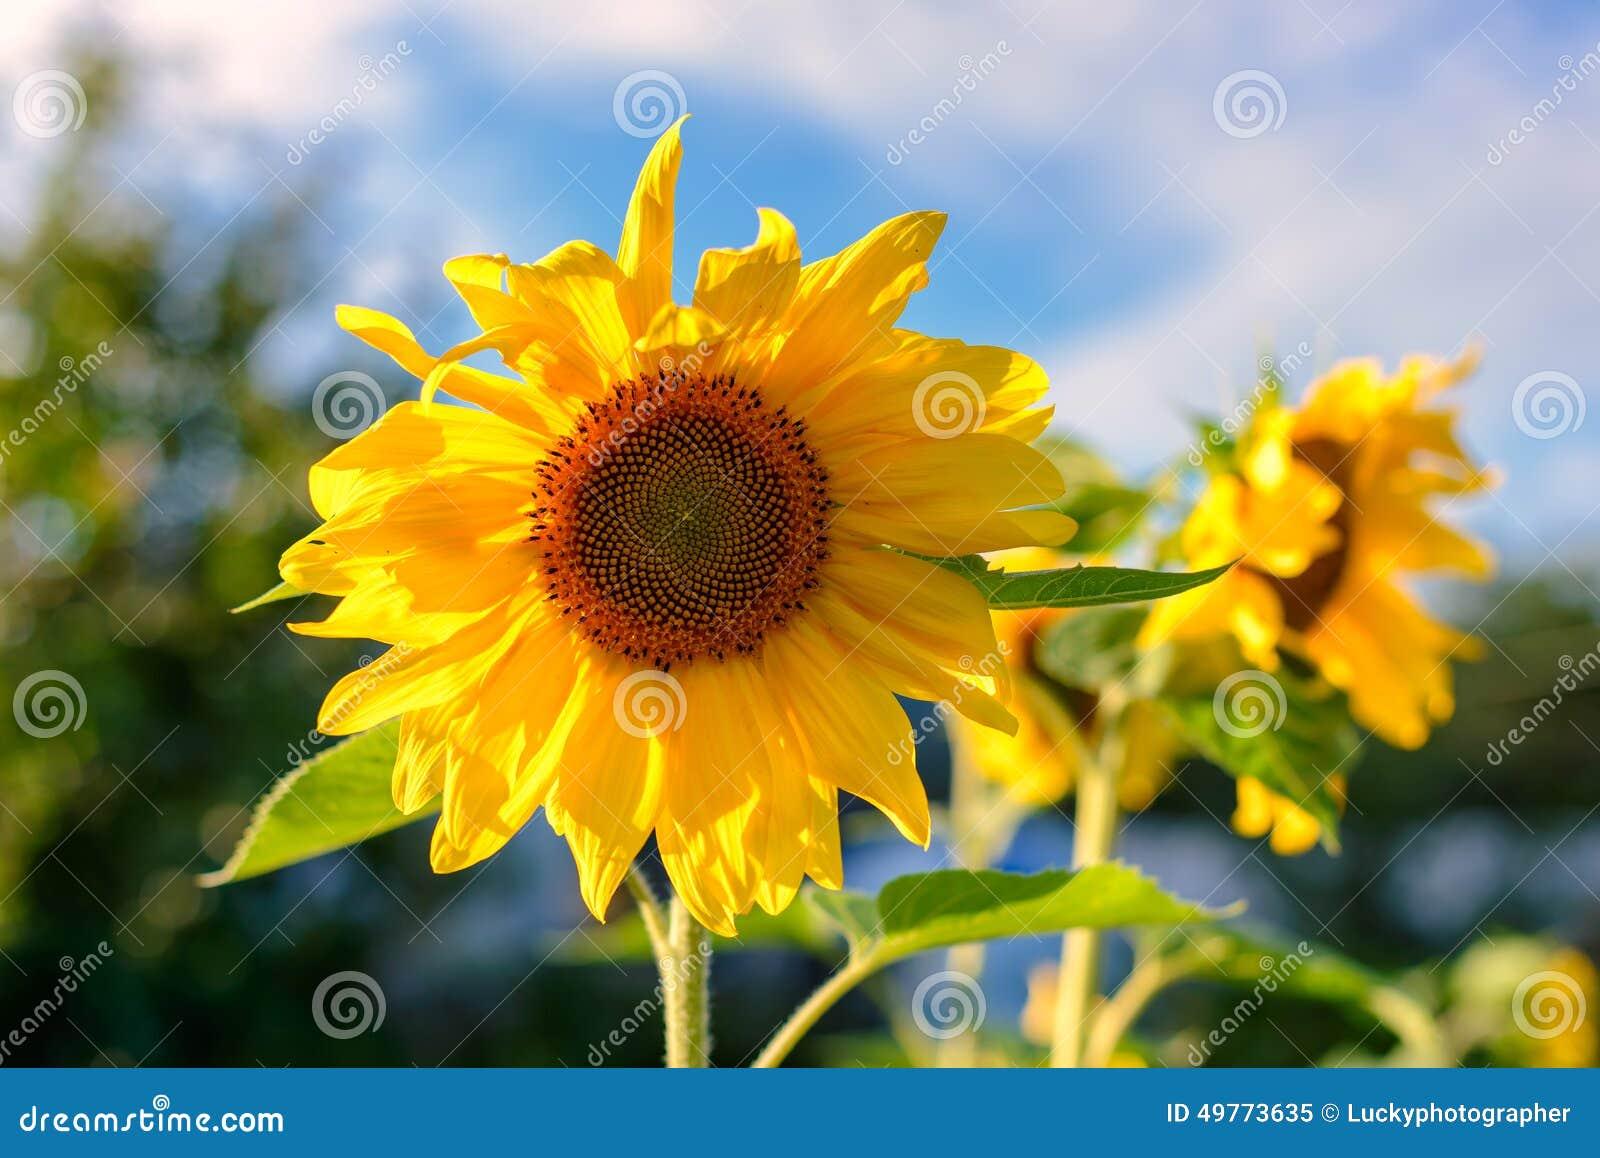 Portret słonecznik w polu